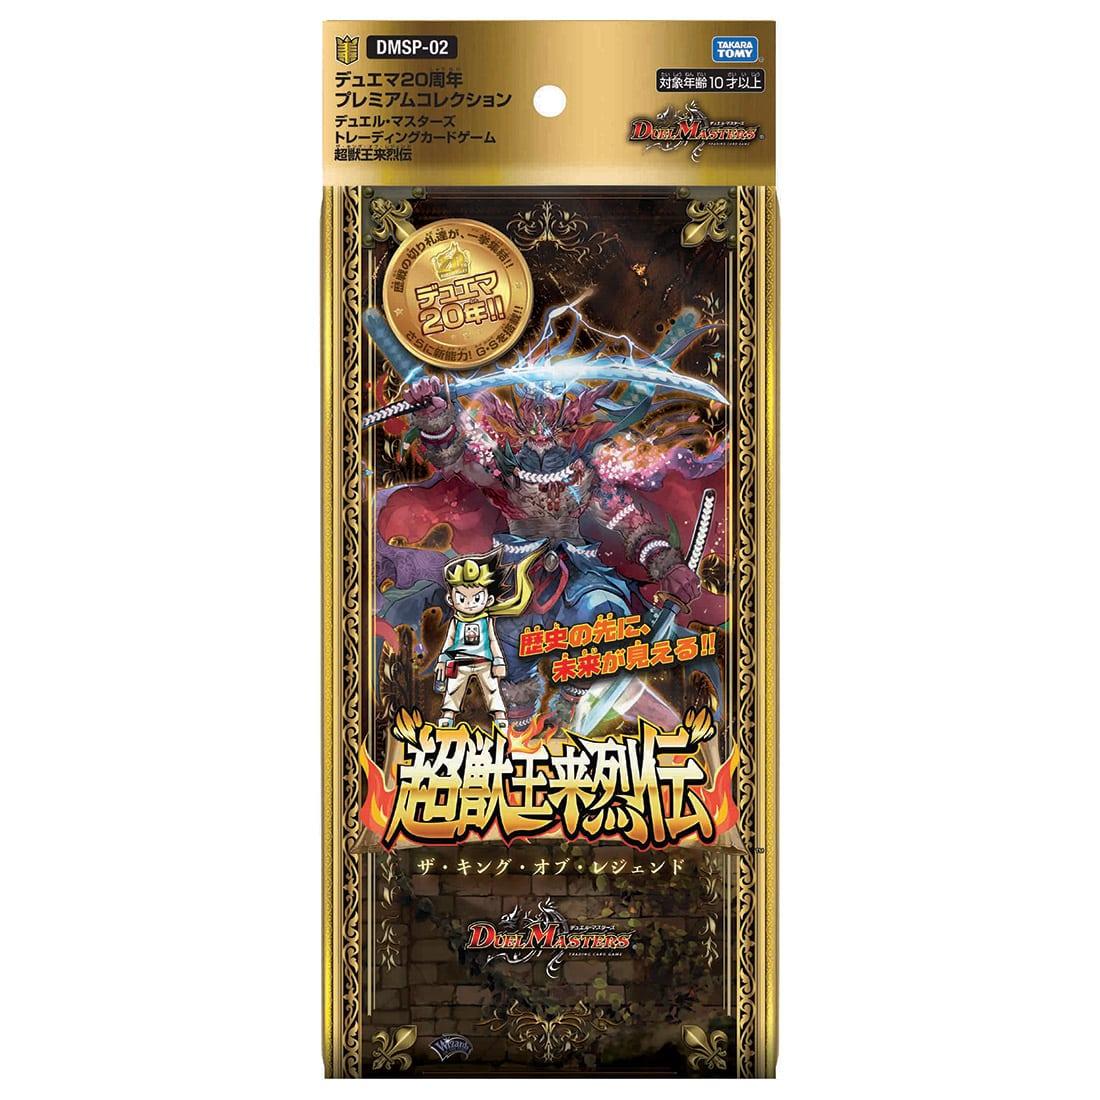 デュエル・マスターズTCGD『DMSP-02 超獣王来烈伝』DP-BOX-001